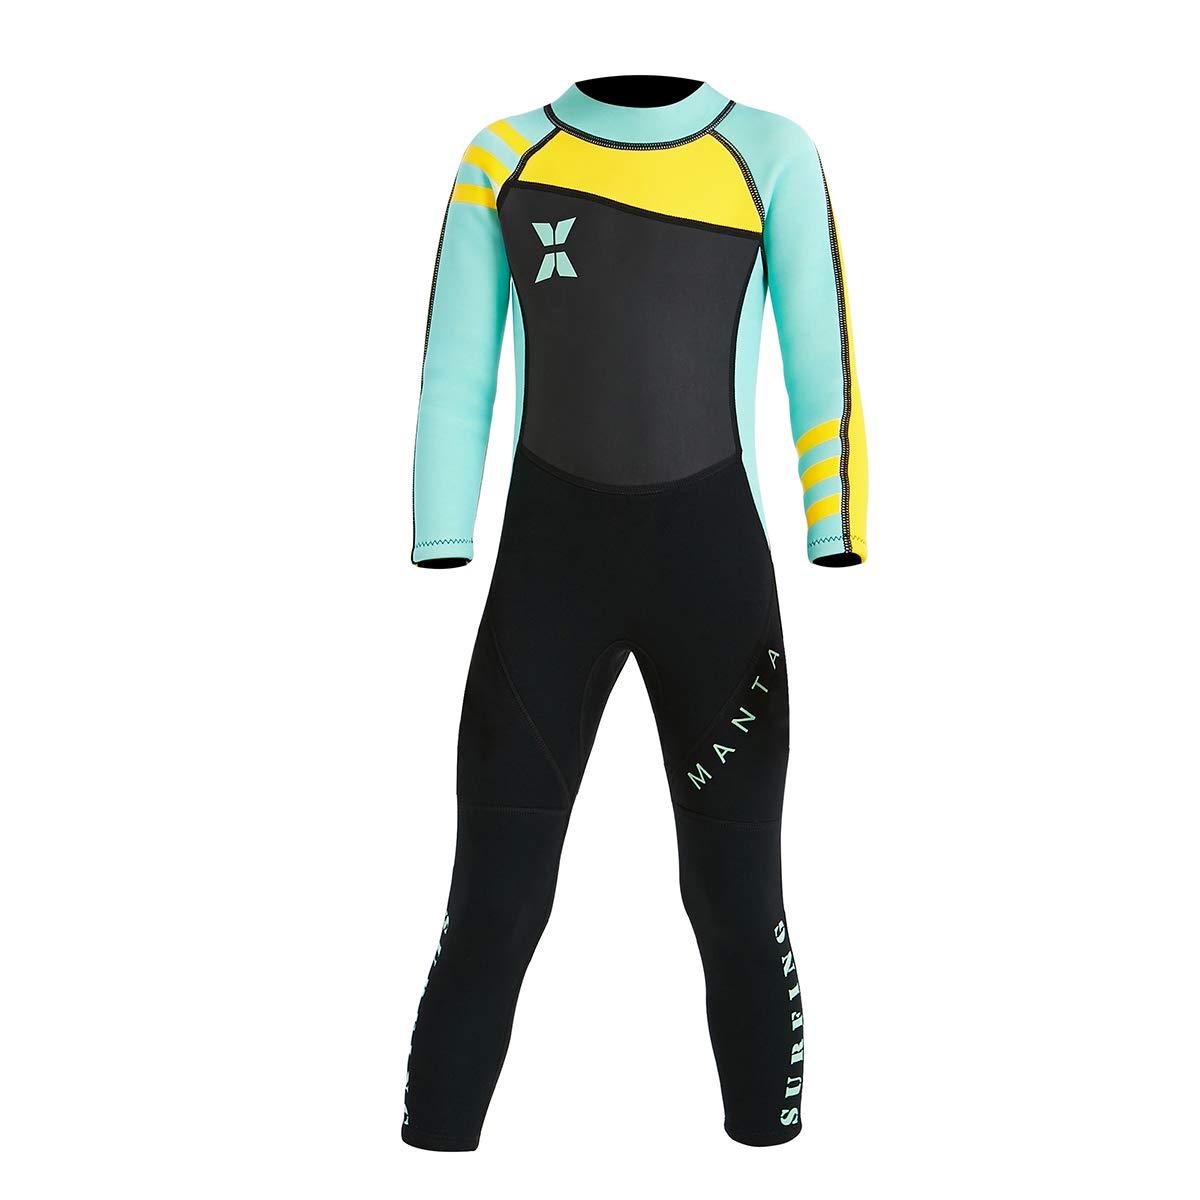 NATYFLY ネオプレンウェットスーツ キッズ ボーイズ ガールズ バックファスナー ワンピース水着 UV保護 ブランド   B07FW3775F